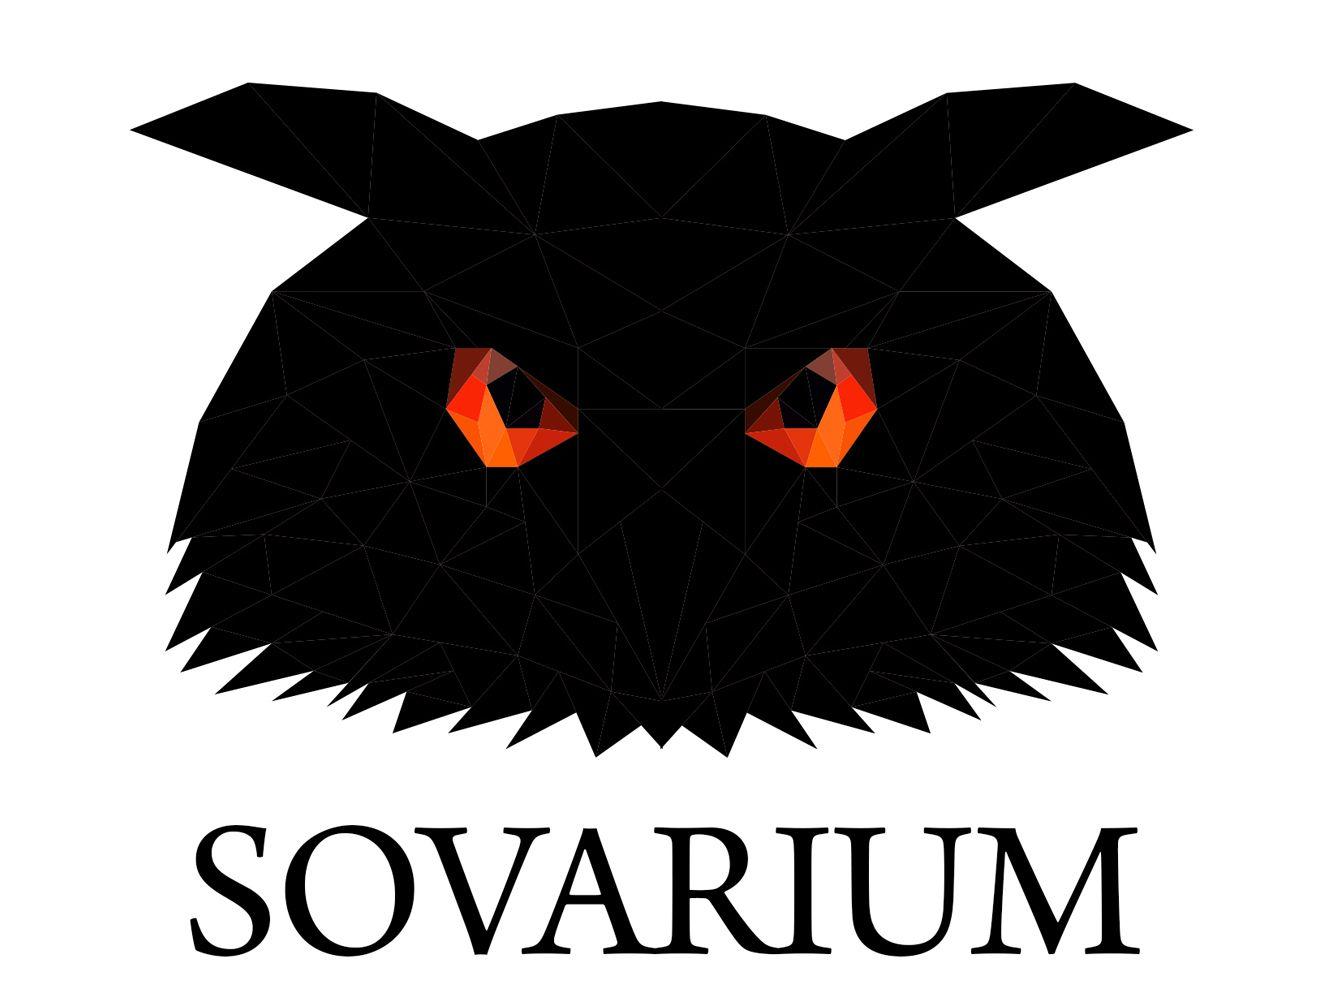 Логотип для Sovarium/Совариум - дизайнер sm1974